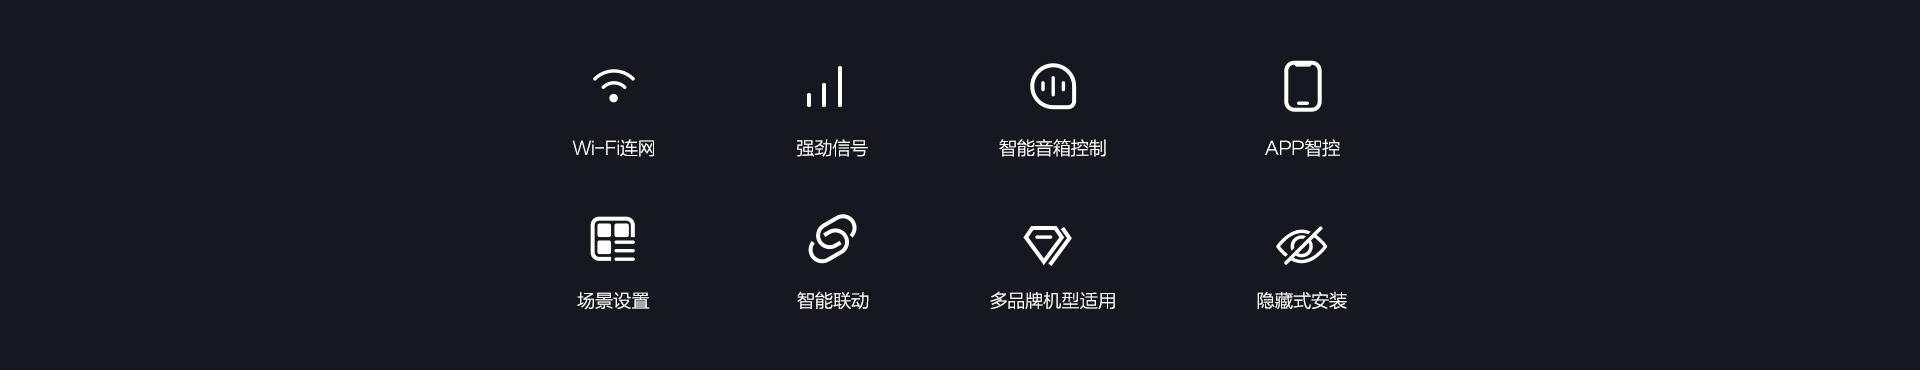 Wi-Fi连网 强劲信号 智能音响控制 APP智控 场景设置 智能联动 多品牌机型适用 隐藏式安装